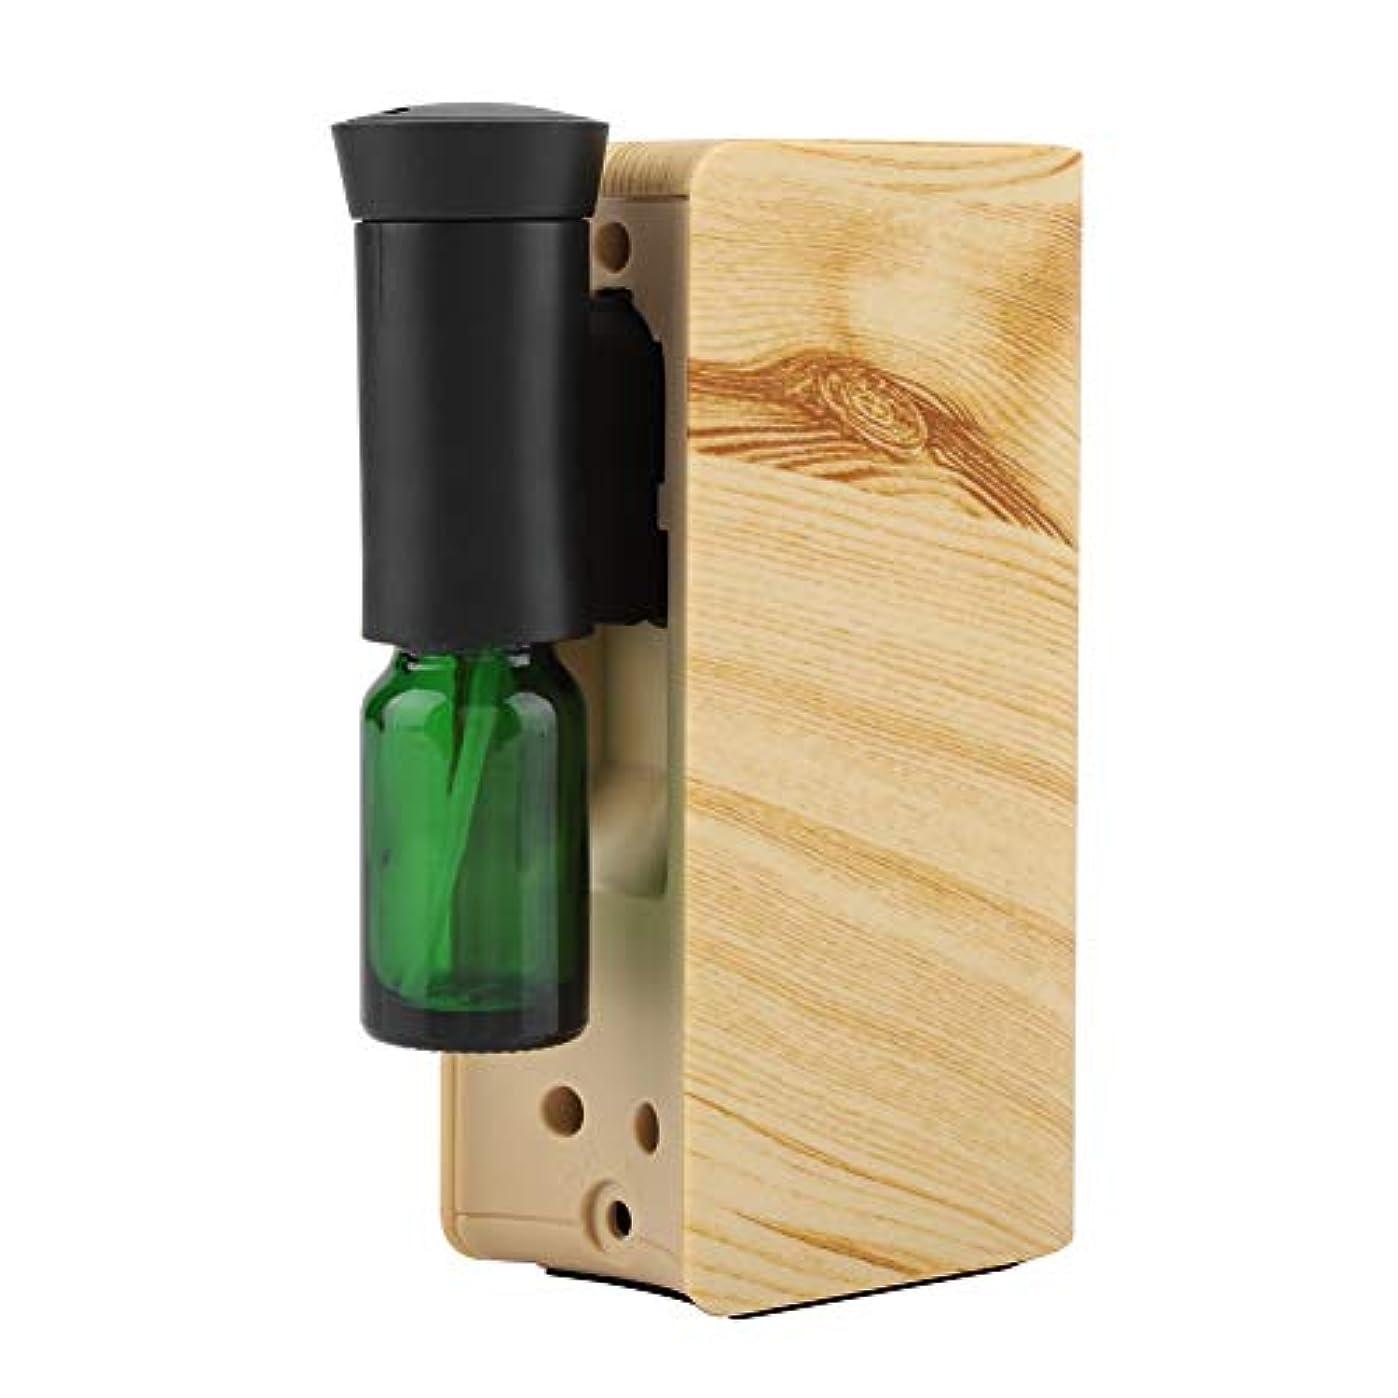 脈拍正確なスペインエッセンシャルオイルディフューザー、100ml USB充電式クールミスト加湿器アロマオイル加湿器気化器アロマディフューザー(木材)